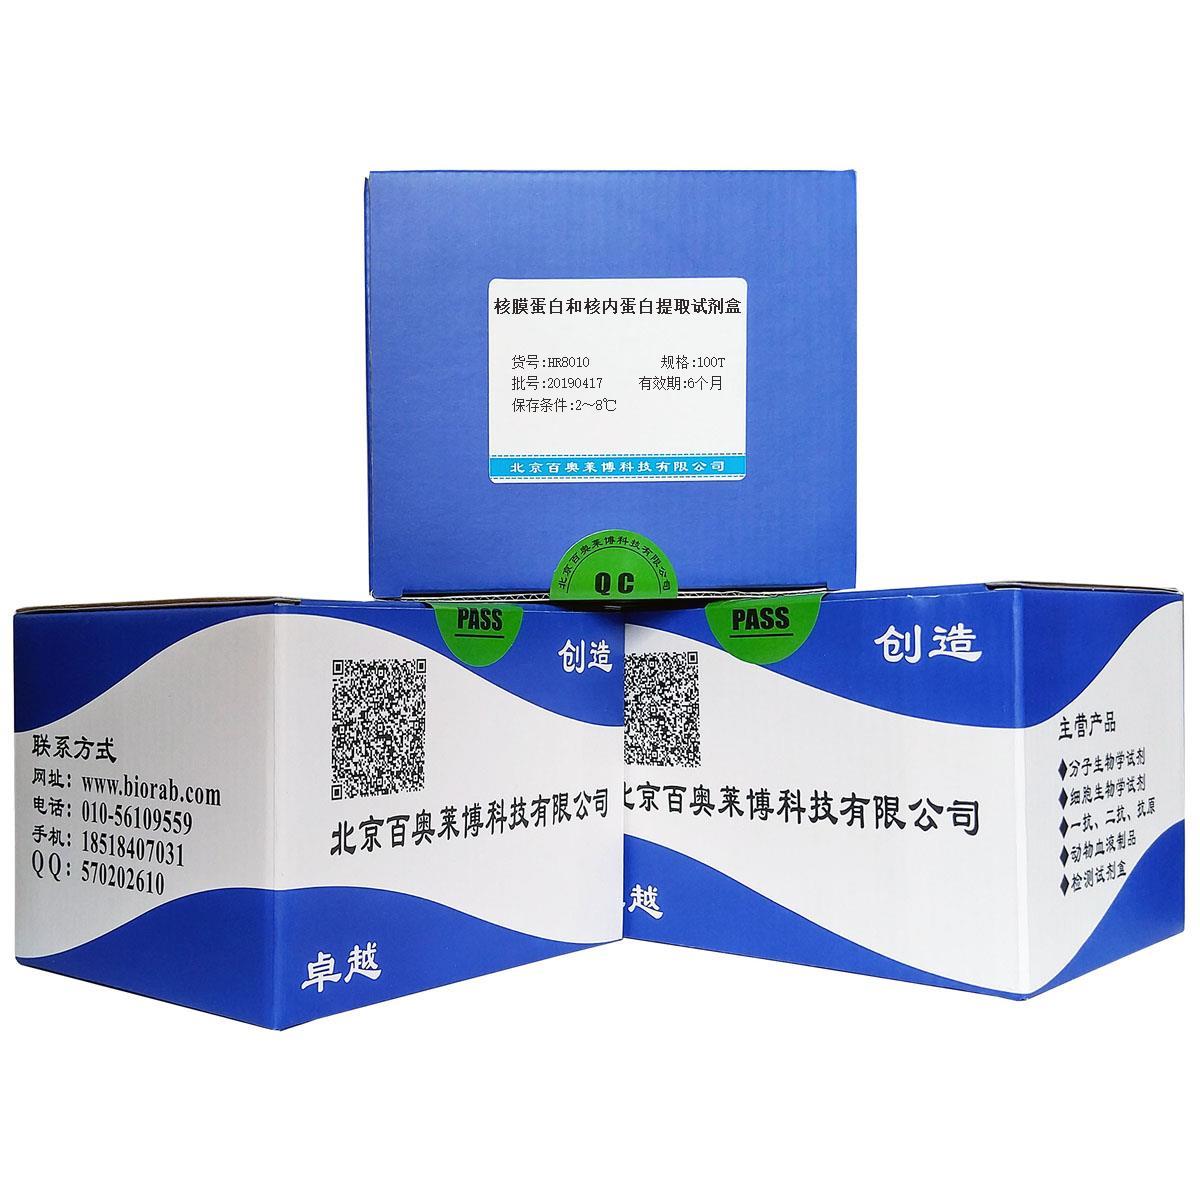 核膜蛋白和核内蛋白提取试剂盒北京品牌